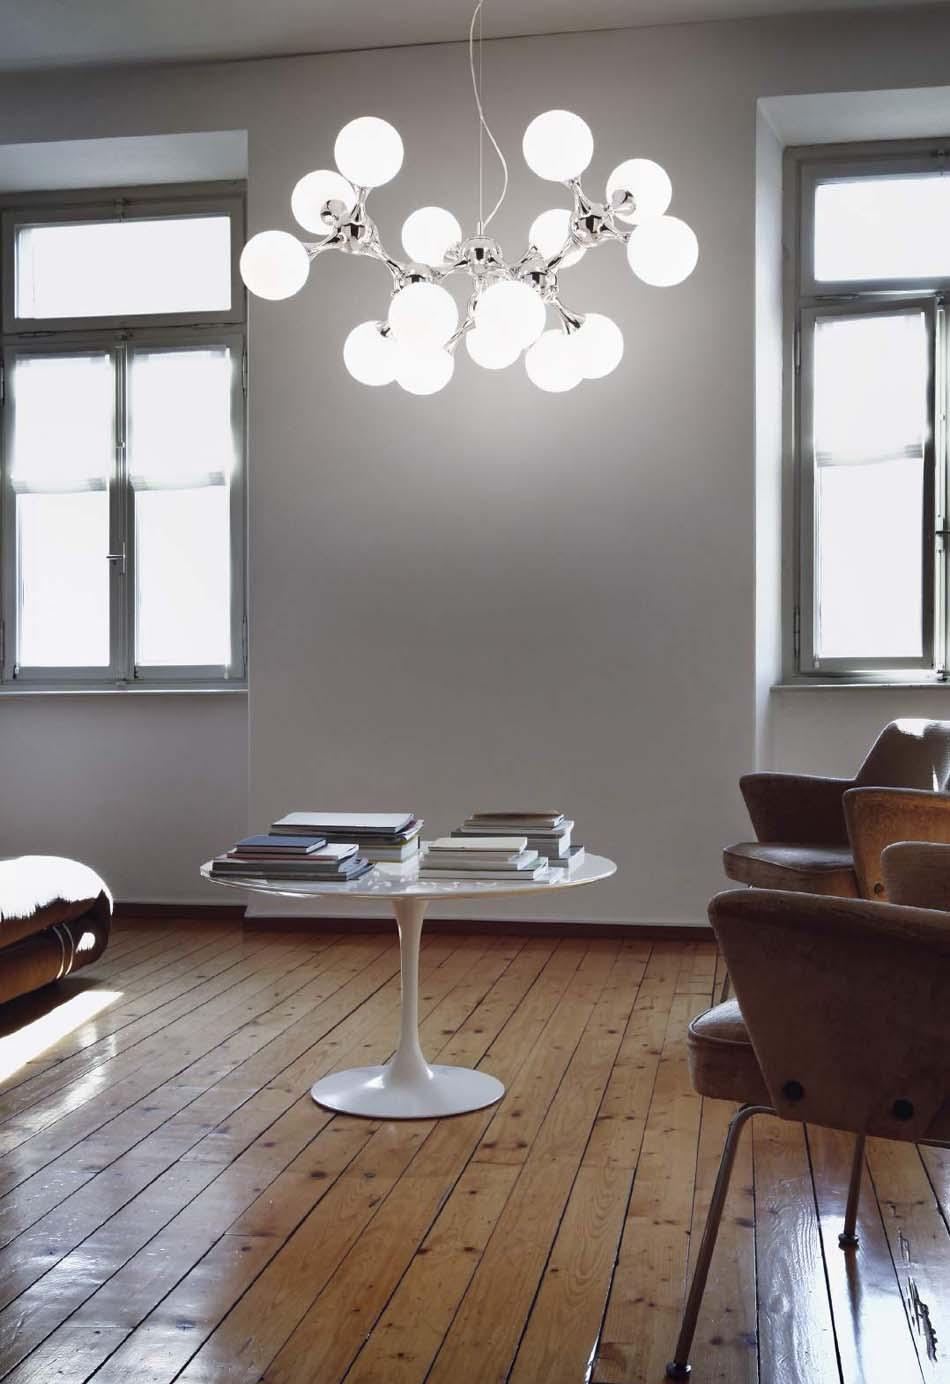 Lampade sospensione Ideal Lux Nodi Bianco – Bruni Arredamenti